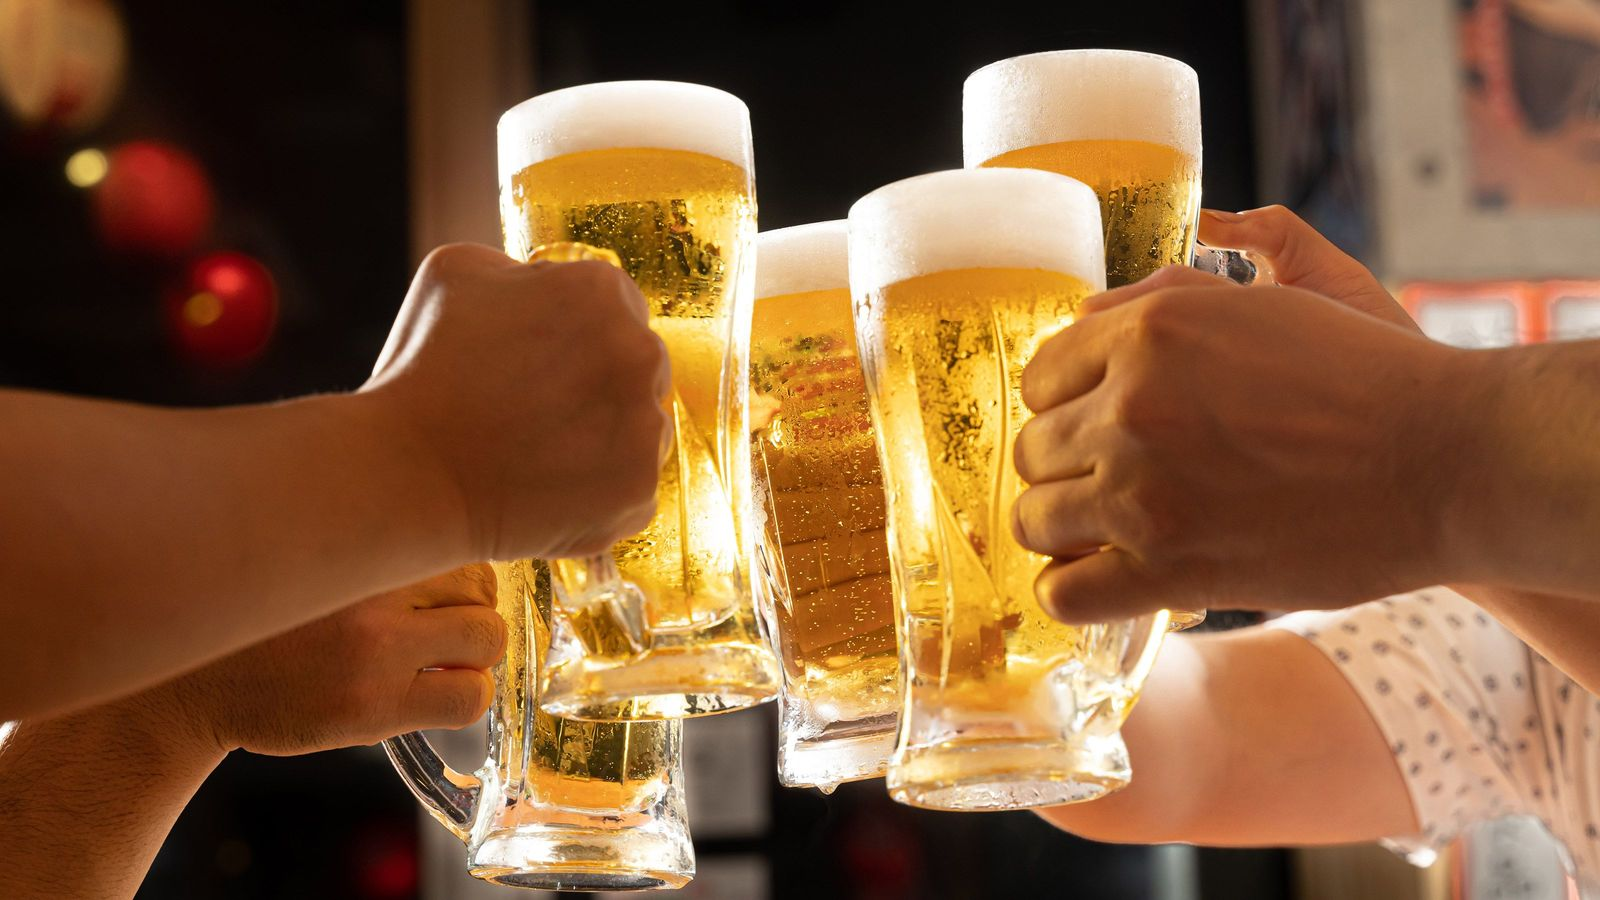 お酒が大好きな医師が守る「二日酔いにならない飲み方」 「酒1杯に対し、水1杯」を守る